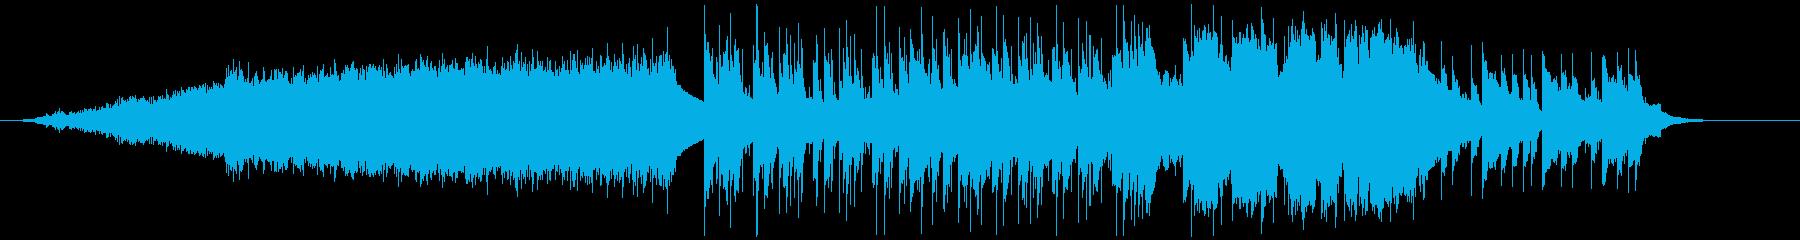 Liquid Funkの再生済みの波形